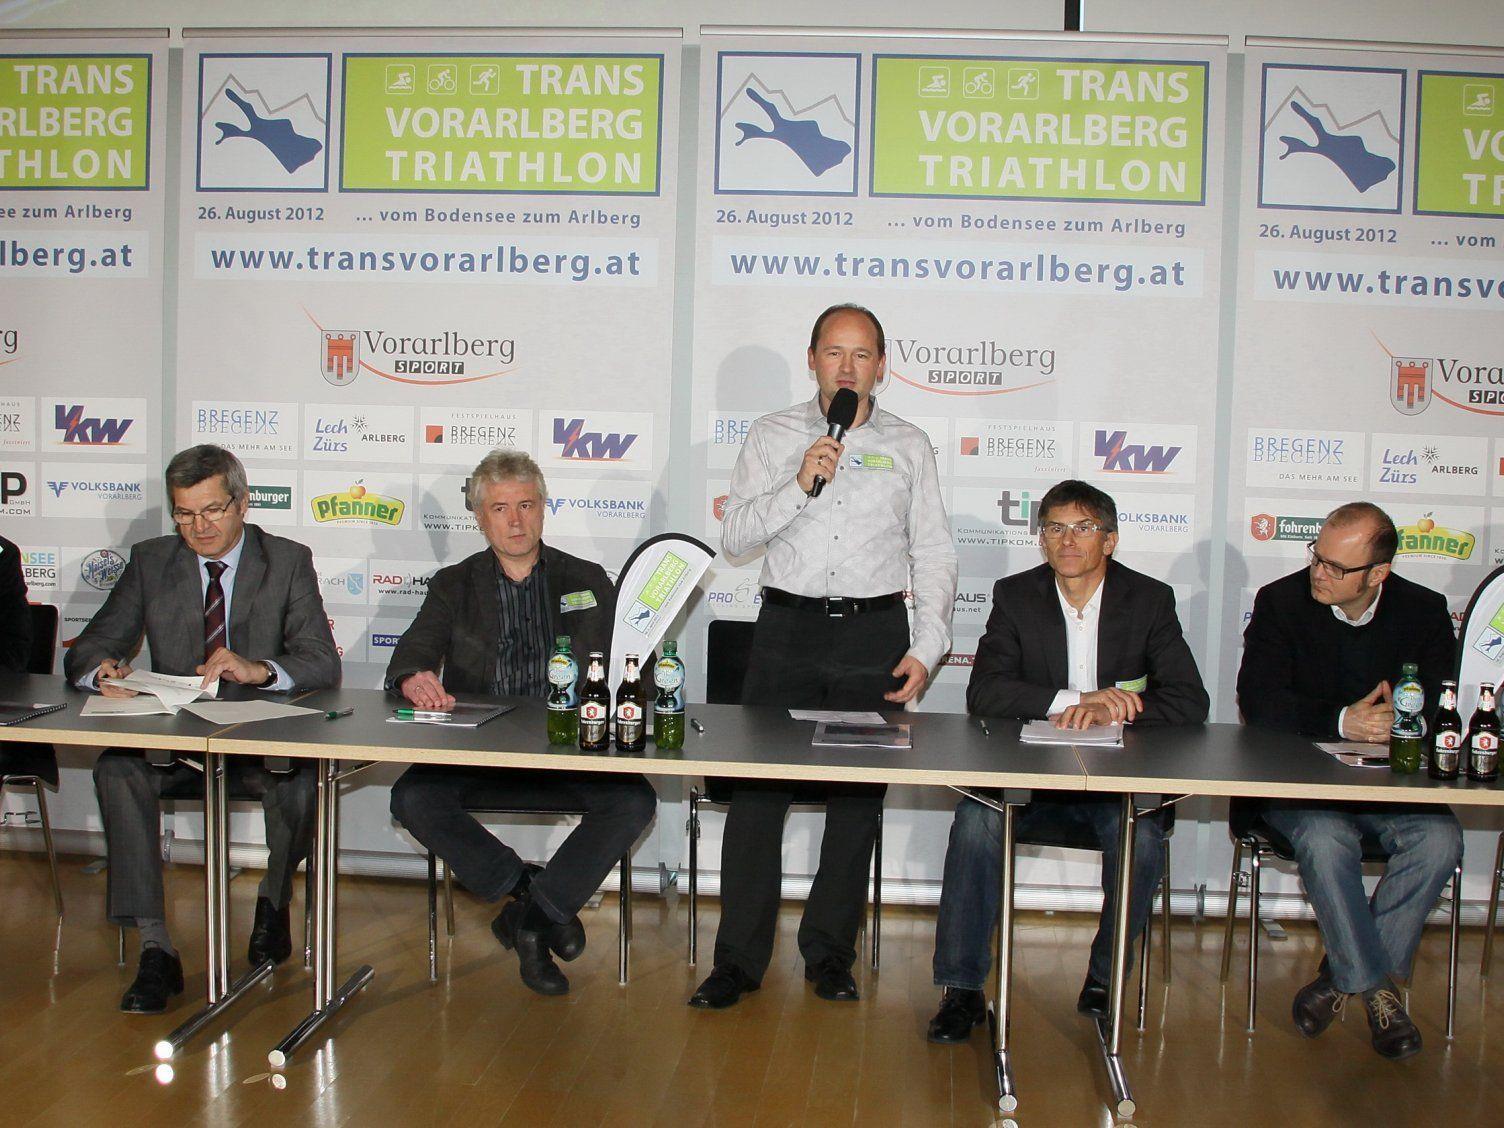 Trans Vorarlberg Triathlon wurde in Bregenz vorgestellt.